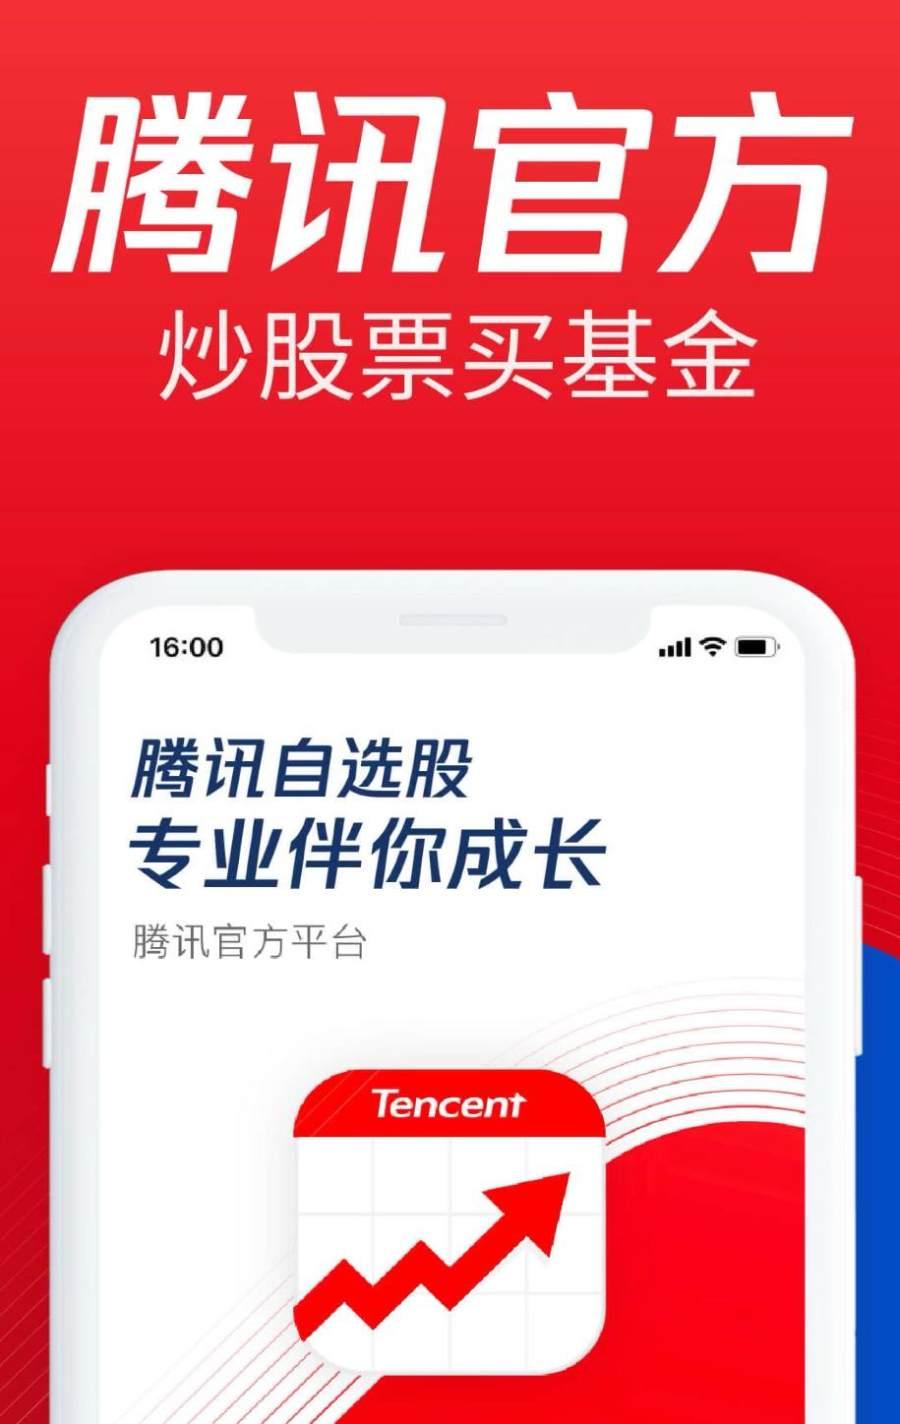 人工智能炒股app(人工智能选股机器人)